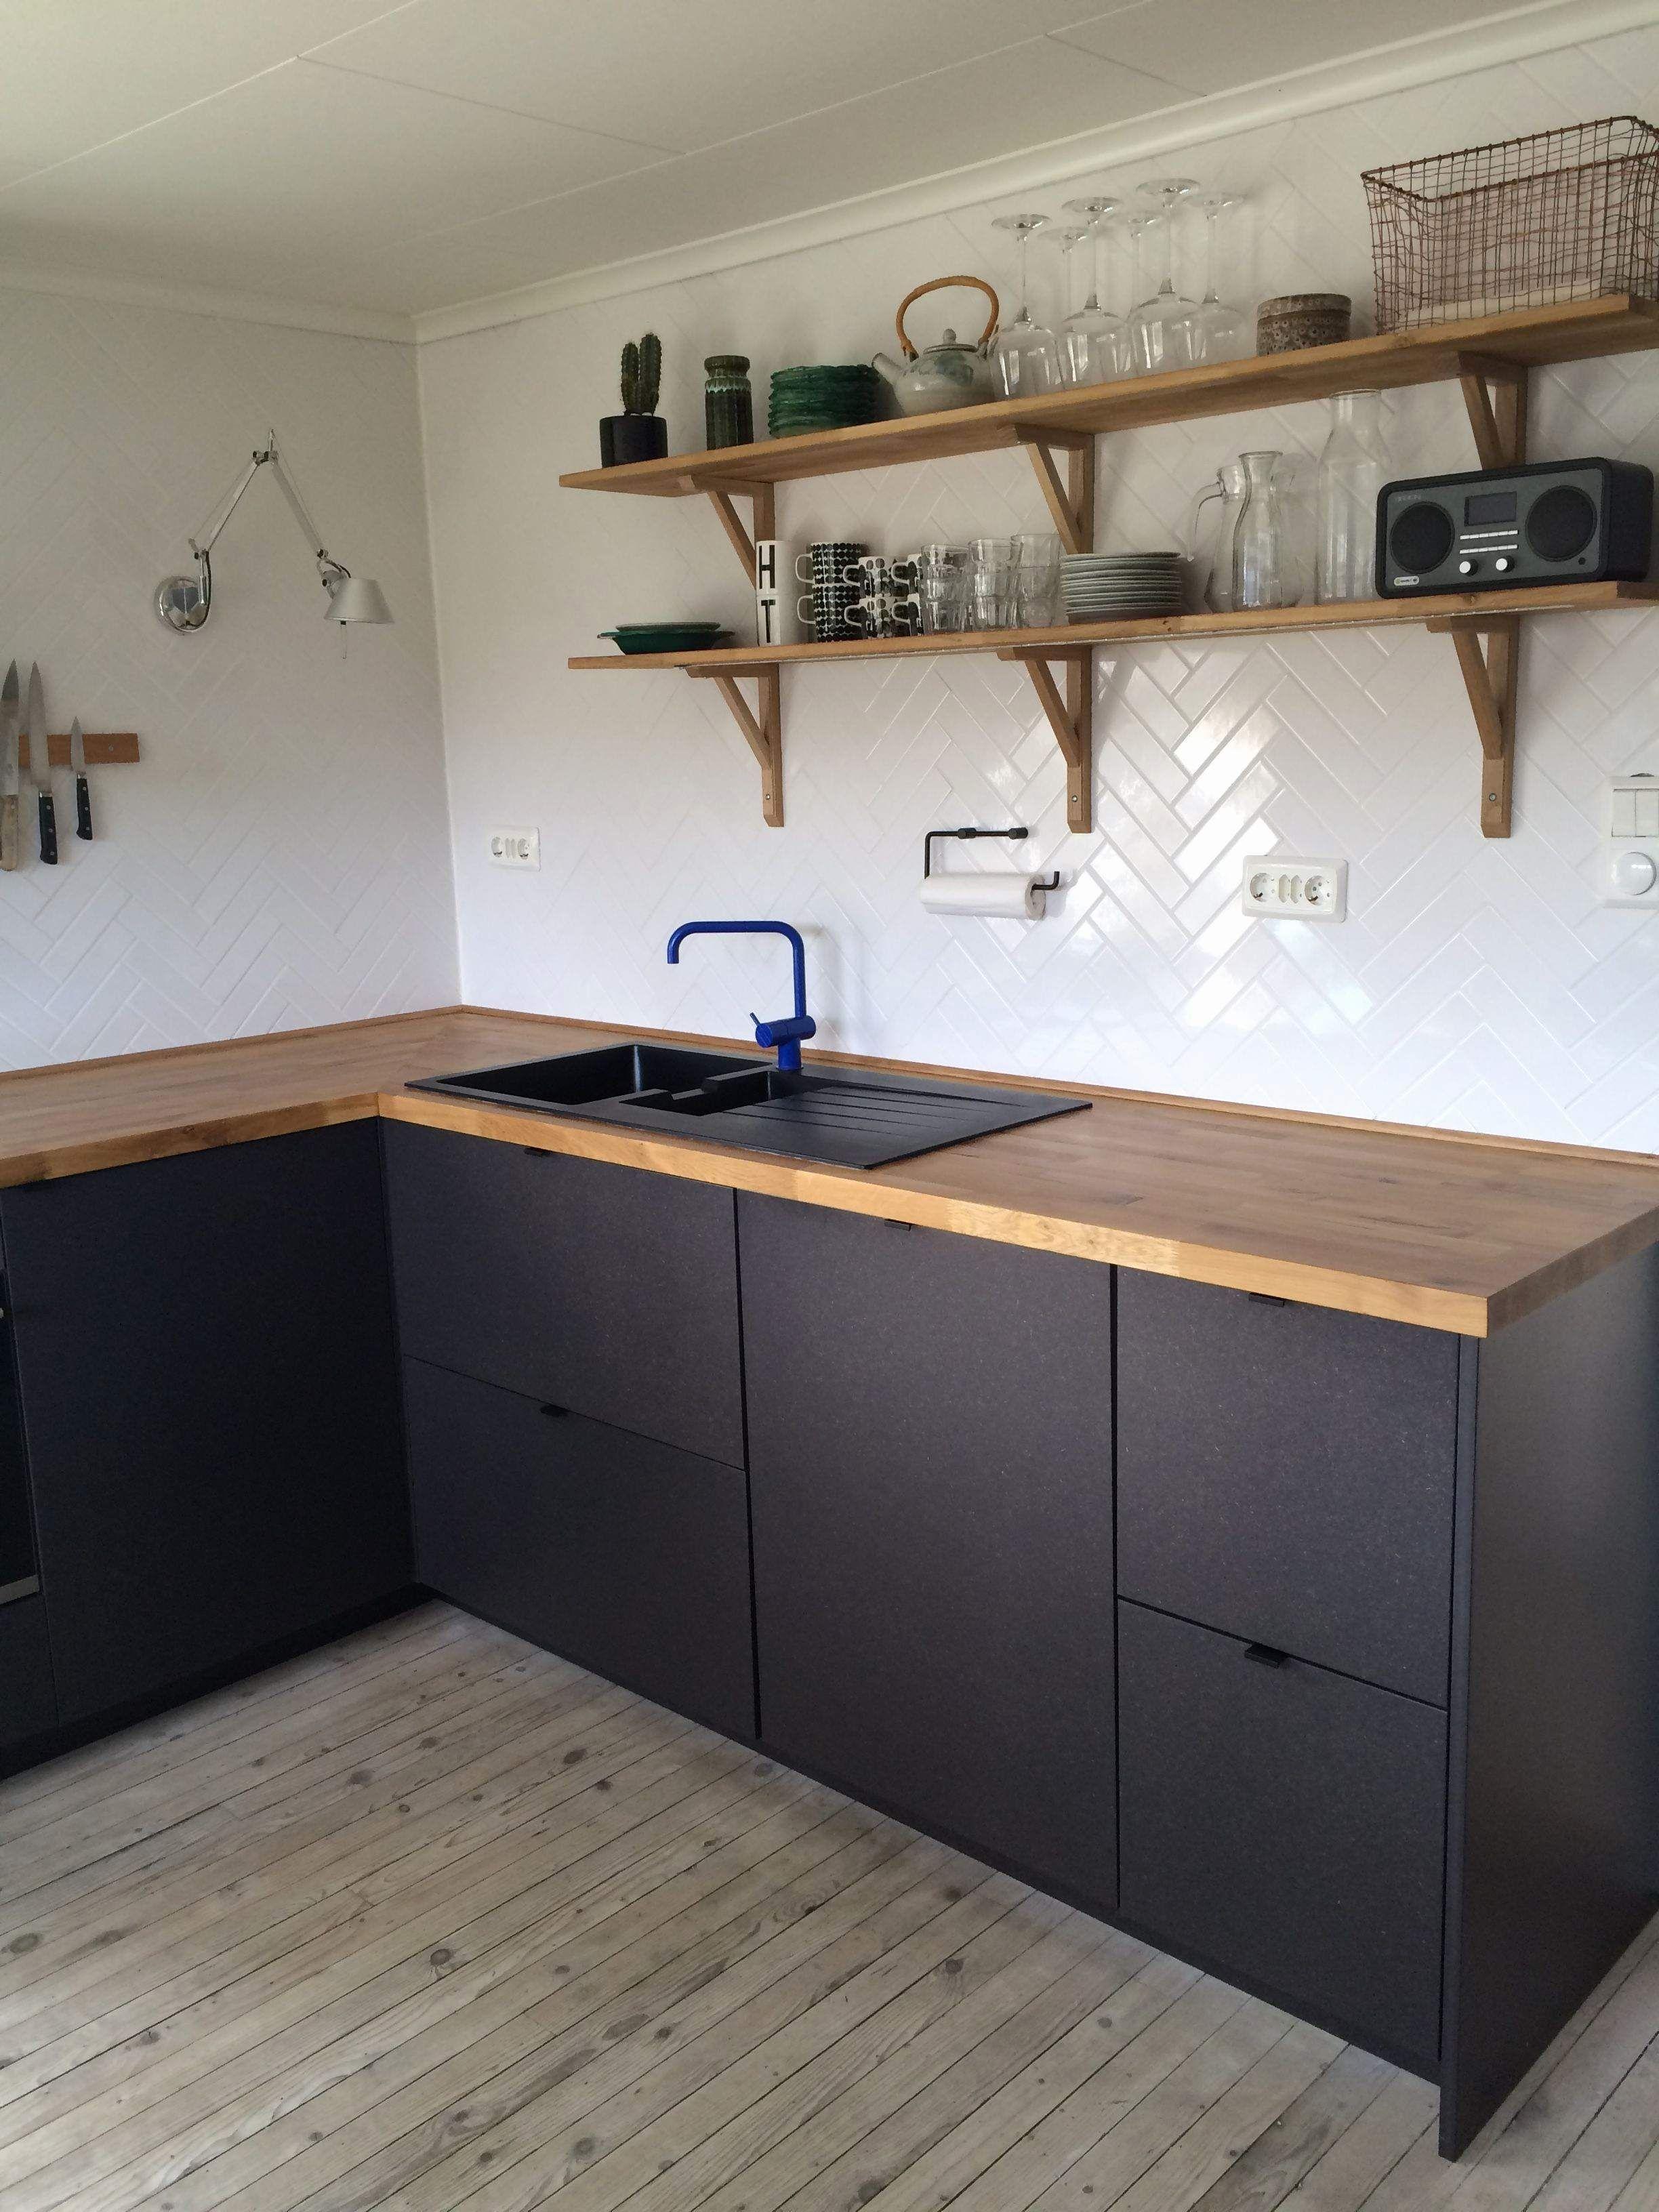 Top 13 Black Kitchen Cabinets Design Ideas Blackkitchencabinets Kitchen Cabinets Ideas Colors Black Ikea Kitchen Design Wood Kitchen Cabinets Kitchen Design